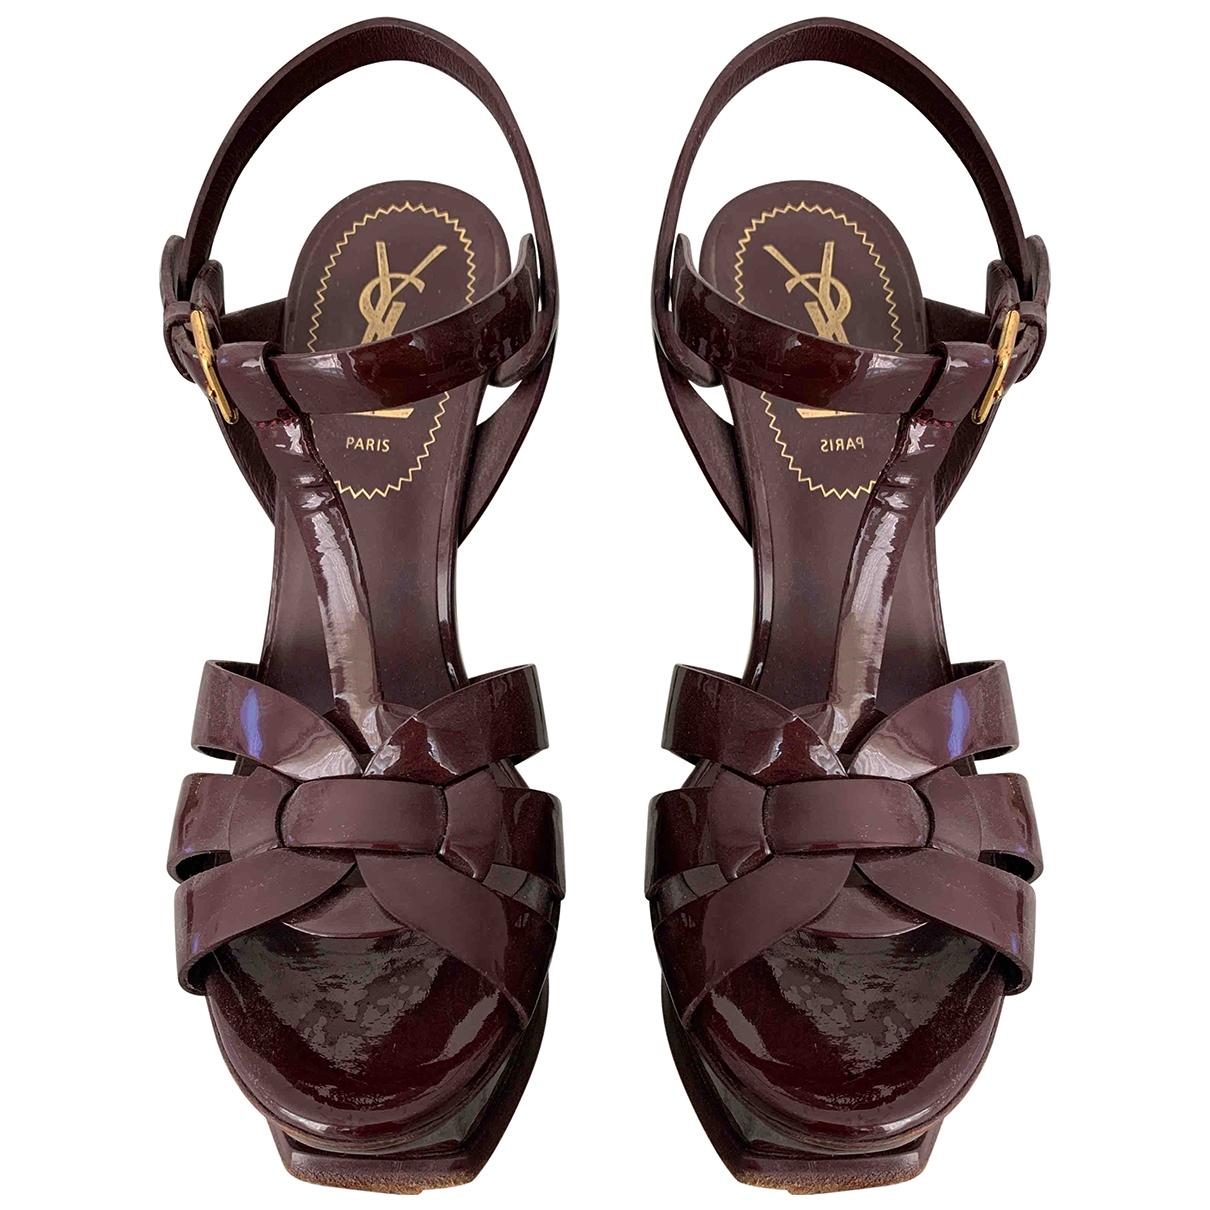 Yves Saint Laurent - Sandales Tribute pour femme en cuir verni - bordeaux